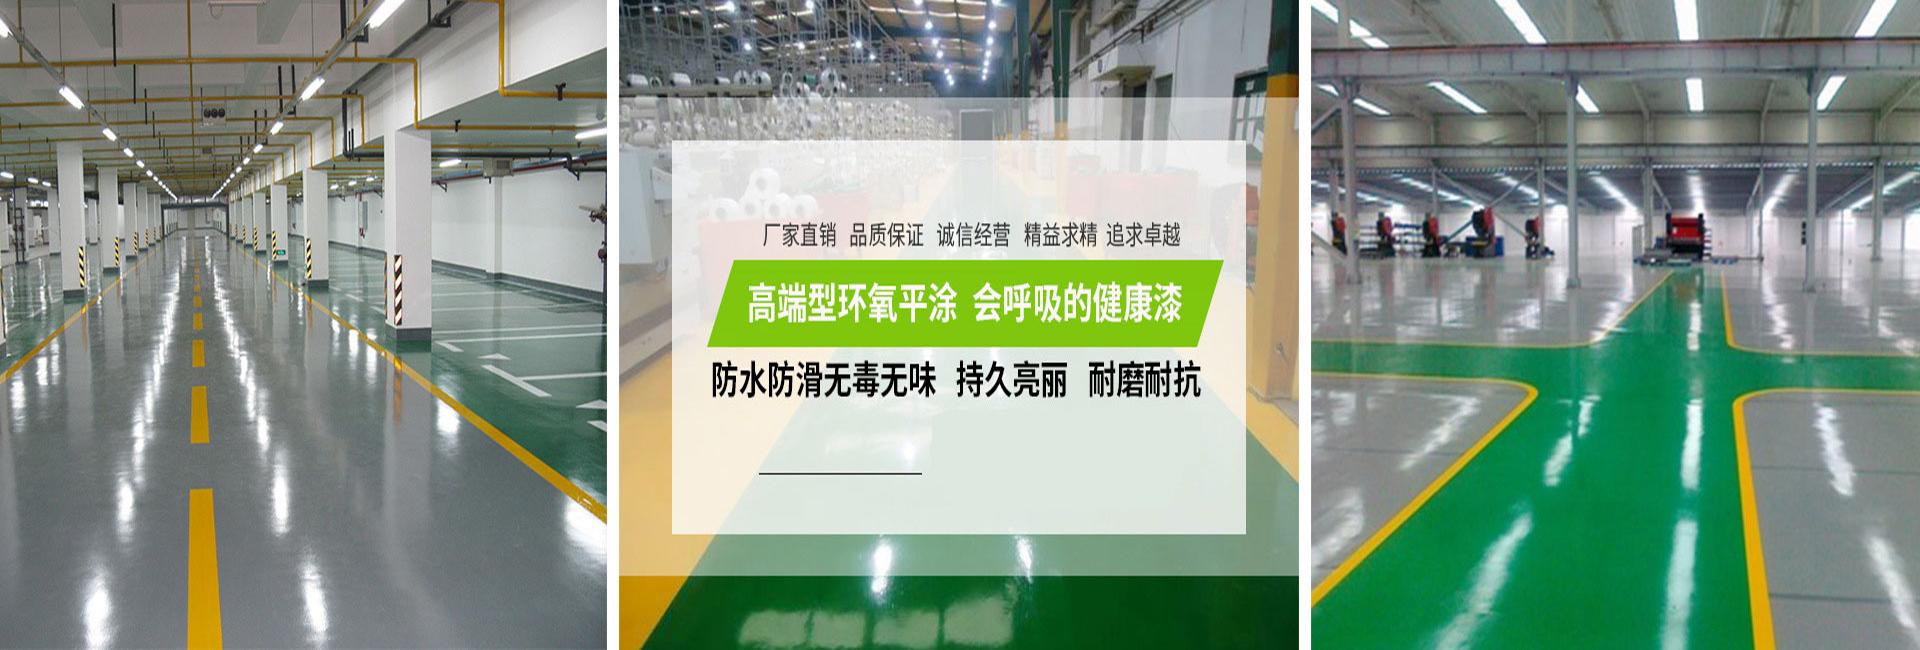 东莞市天磊实业有限公司